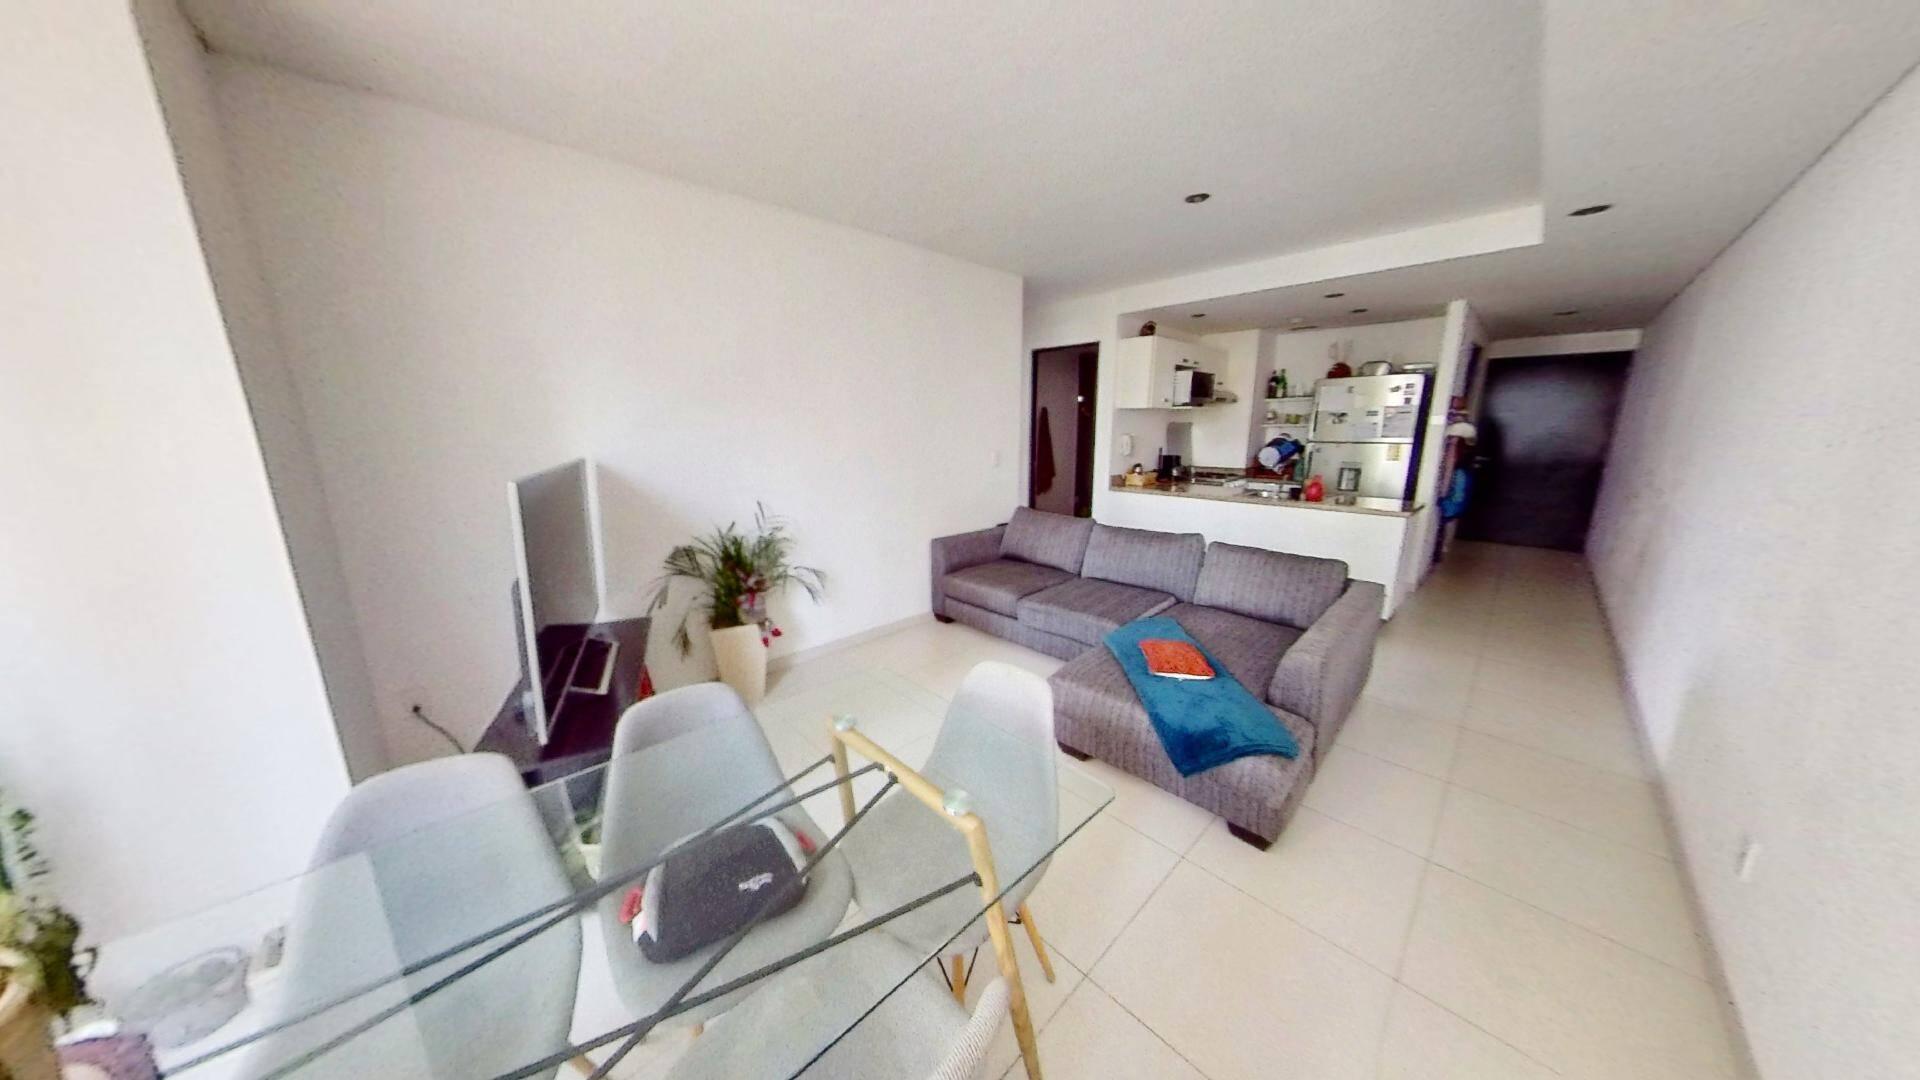 Departamento 2 recámaras en venta en Torre Central de Parques Polanco. Sala y Comedor